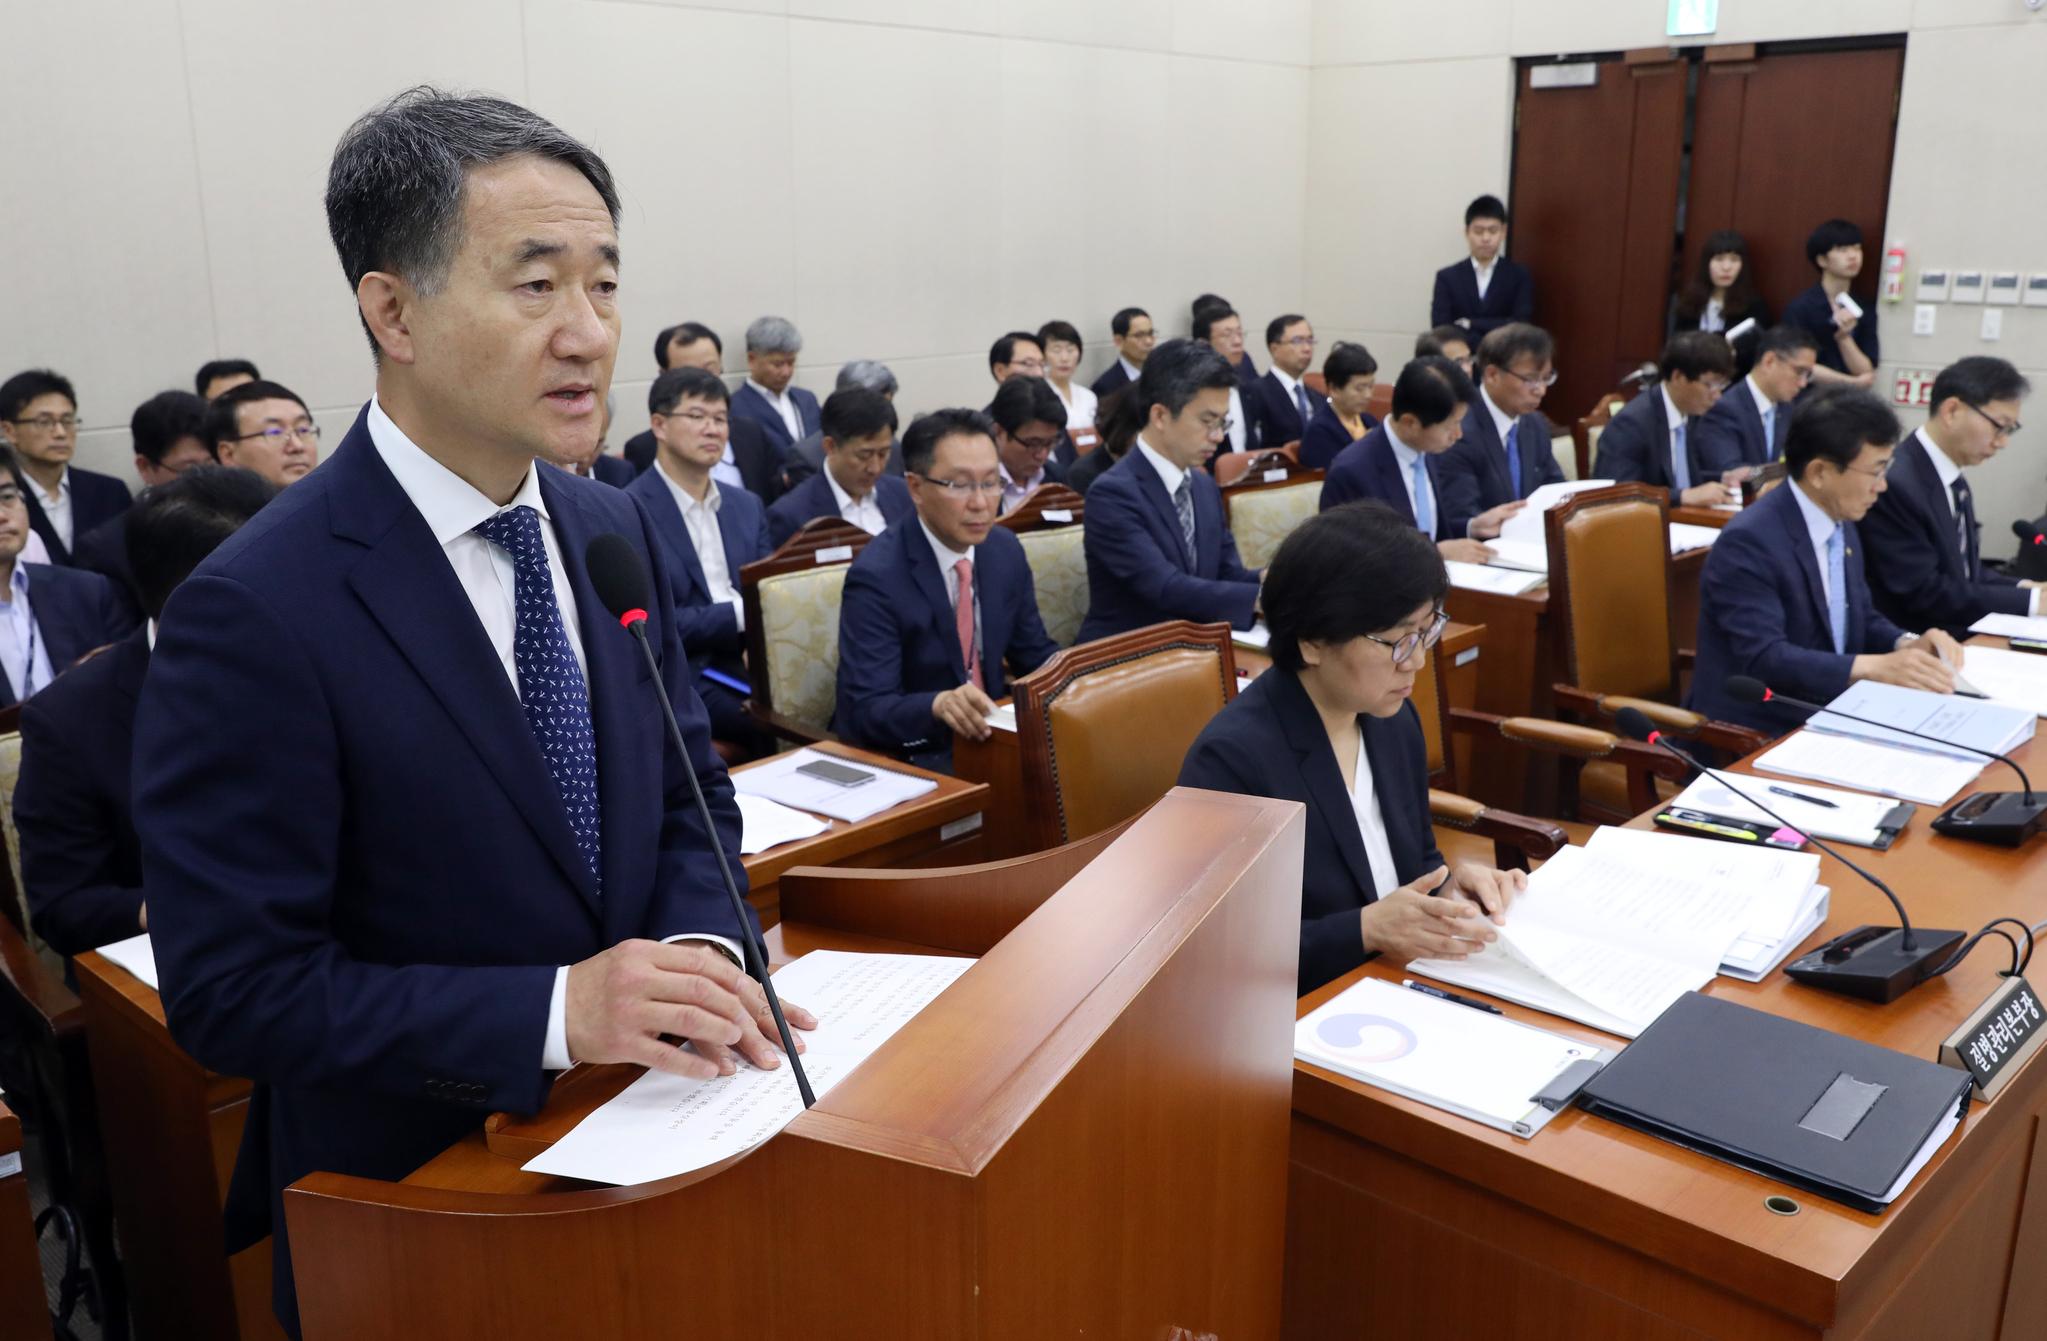 박능후 보건복지부 장관이 25일 국회에서 열린 보건복지위원회 전체회의에서 업무보고를 하고 있다. [뉴스1]